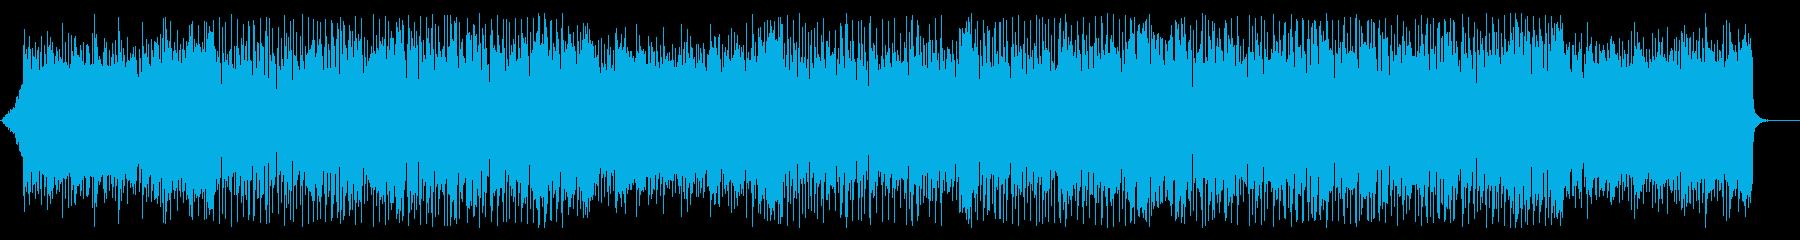 企業VP・ファンキーで弾けるような躍動感の再生済みの波形